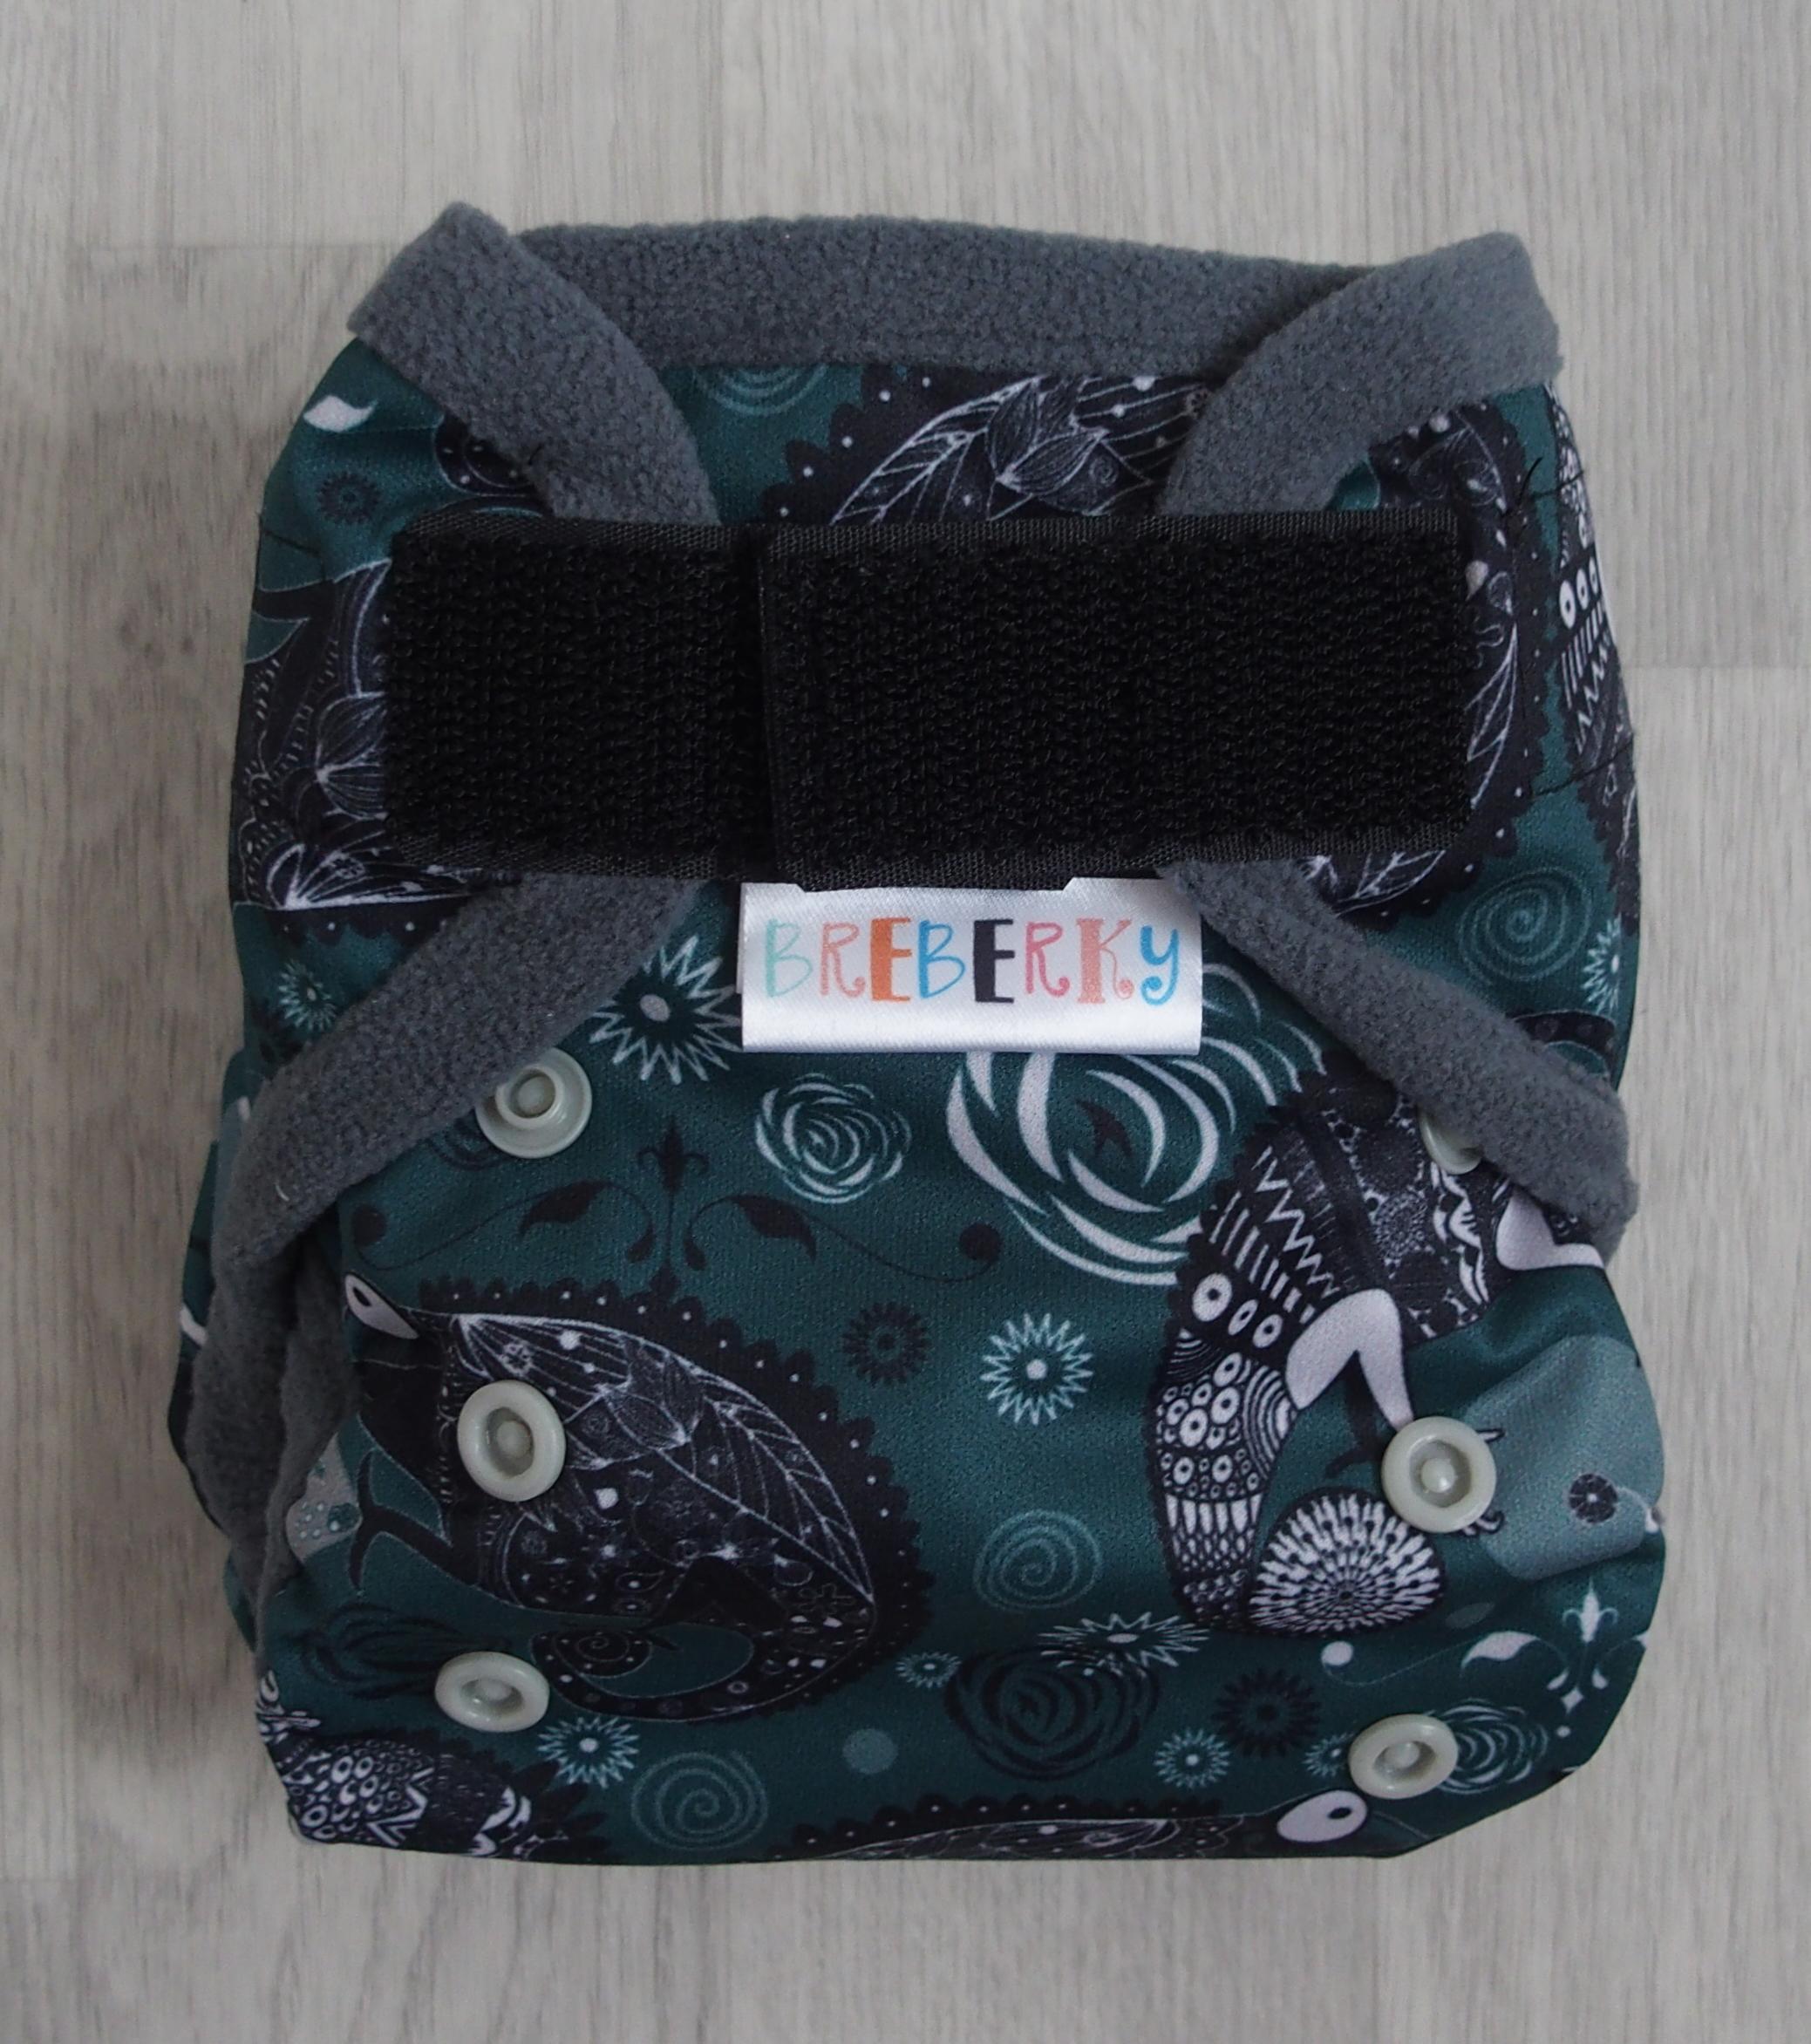 Novorozenecké svrchní kalhotky Breberky na sz (PUL klasický) - Chameleoni (Novorozenecké PUL svrchní kalhotky na suchý zip)